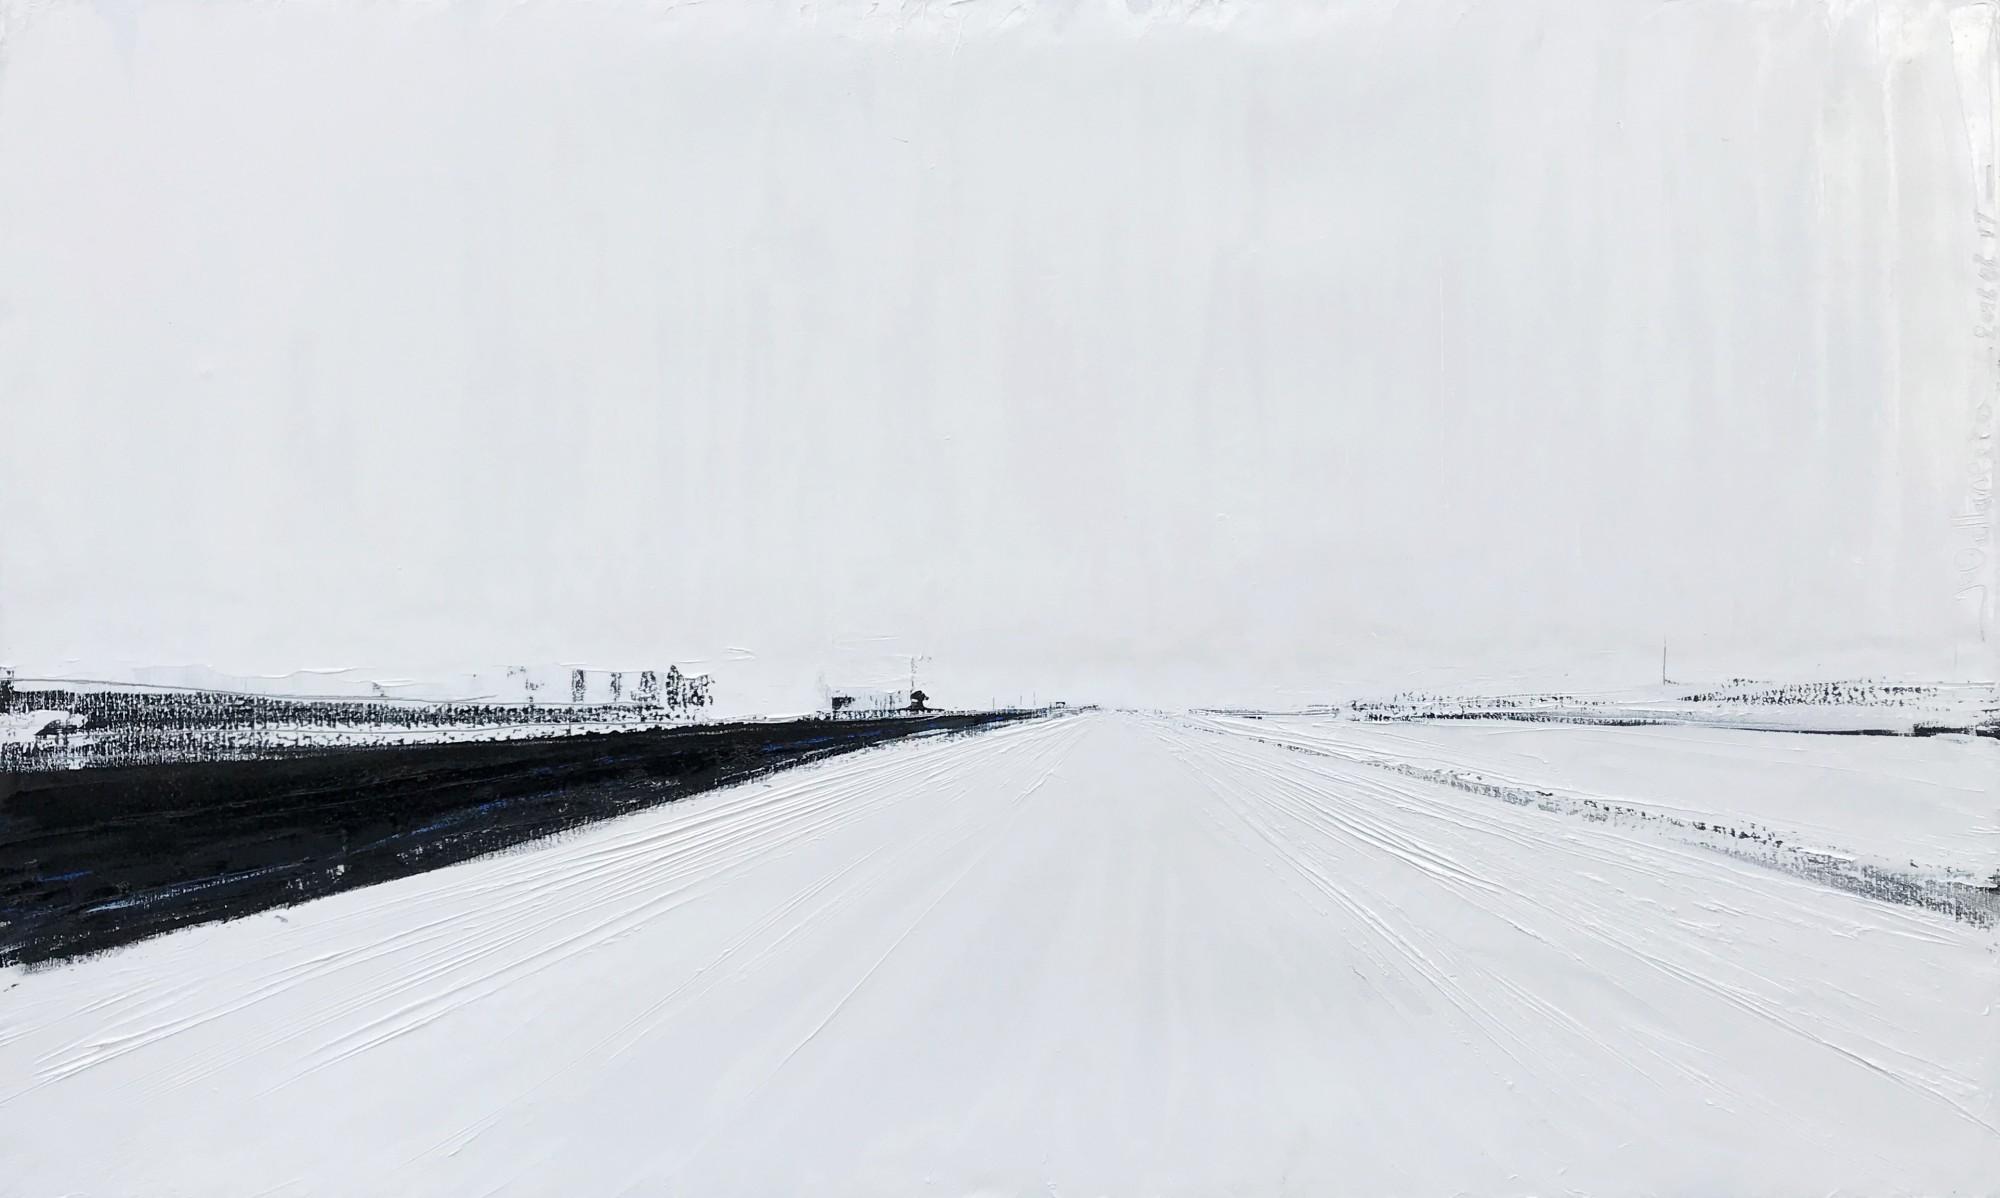 Jean-Marc Dallanegra - Route blanche